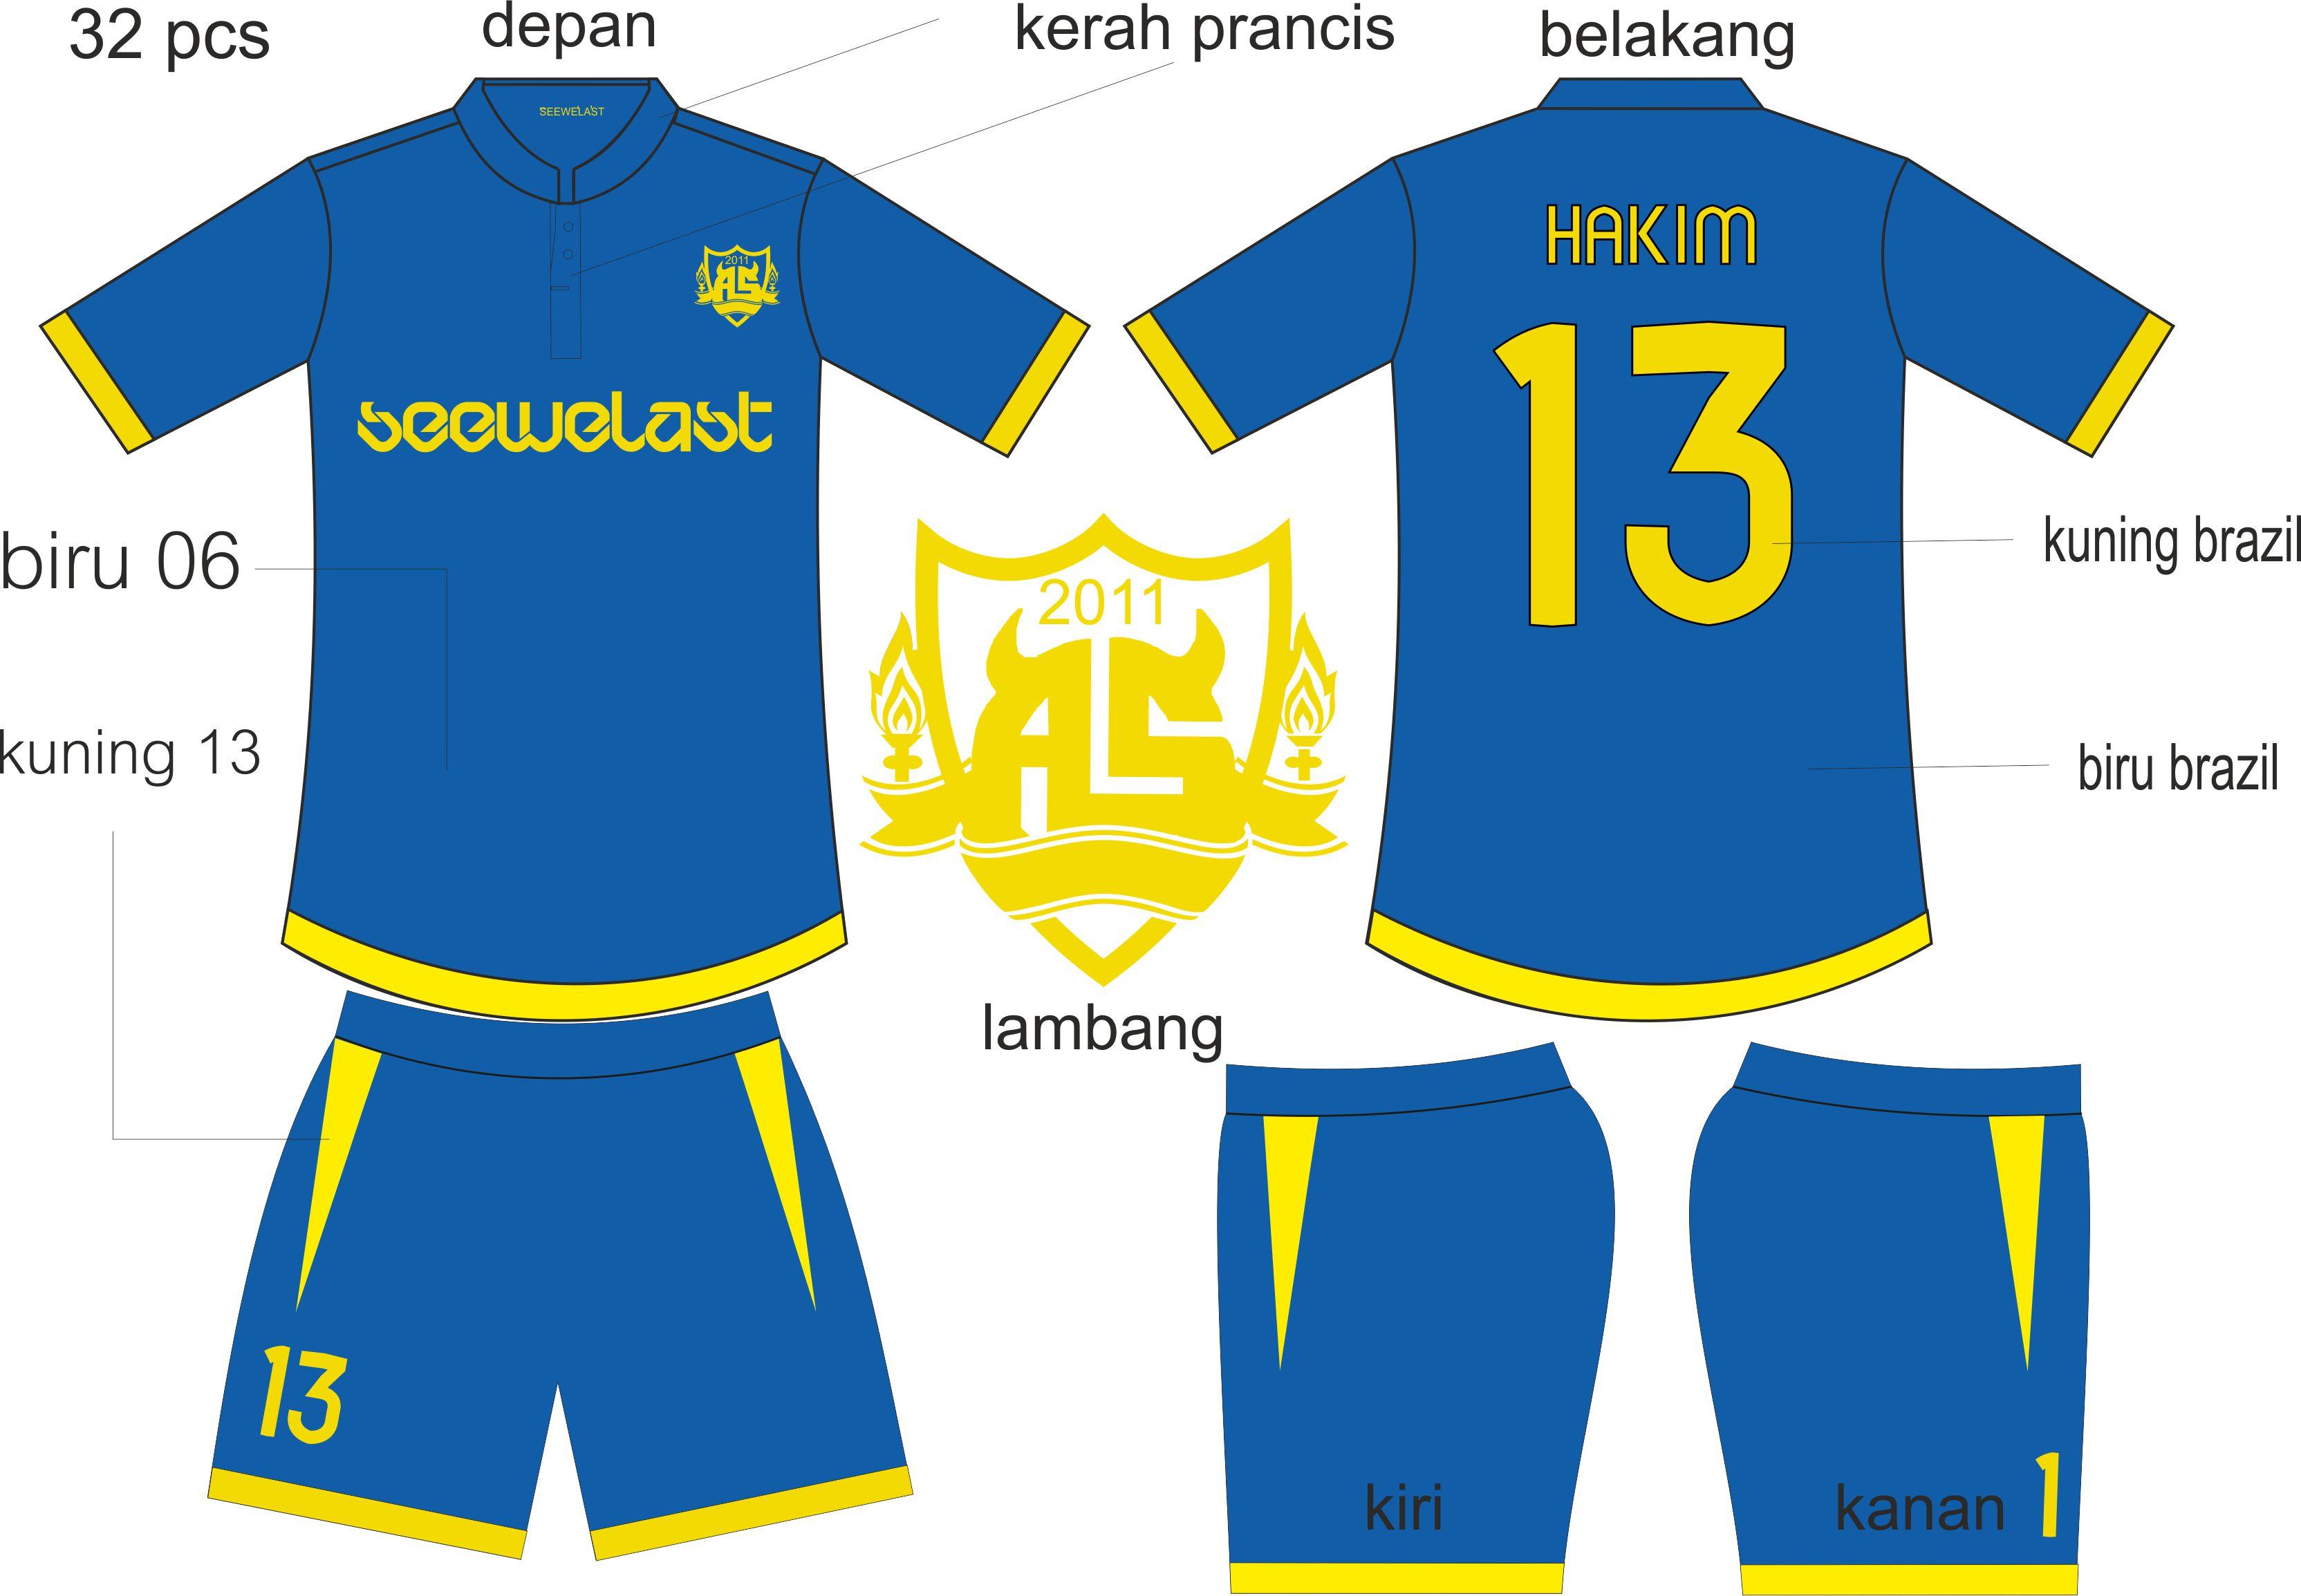 Contoh desain t shirt kelas - Tempat Bikin Kaos Futsal Bola Murah Yogyakarta